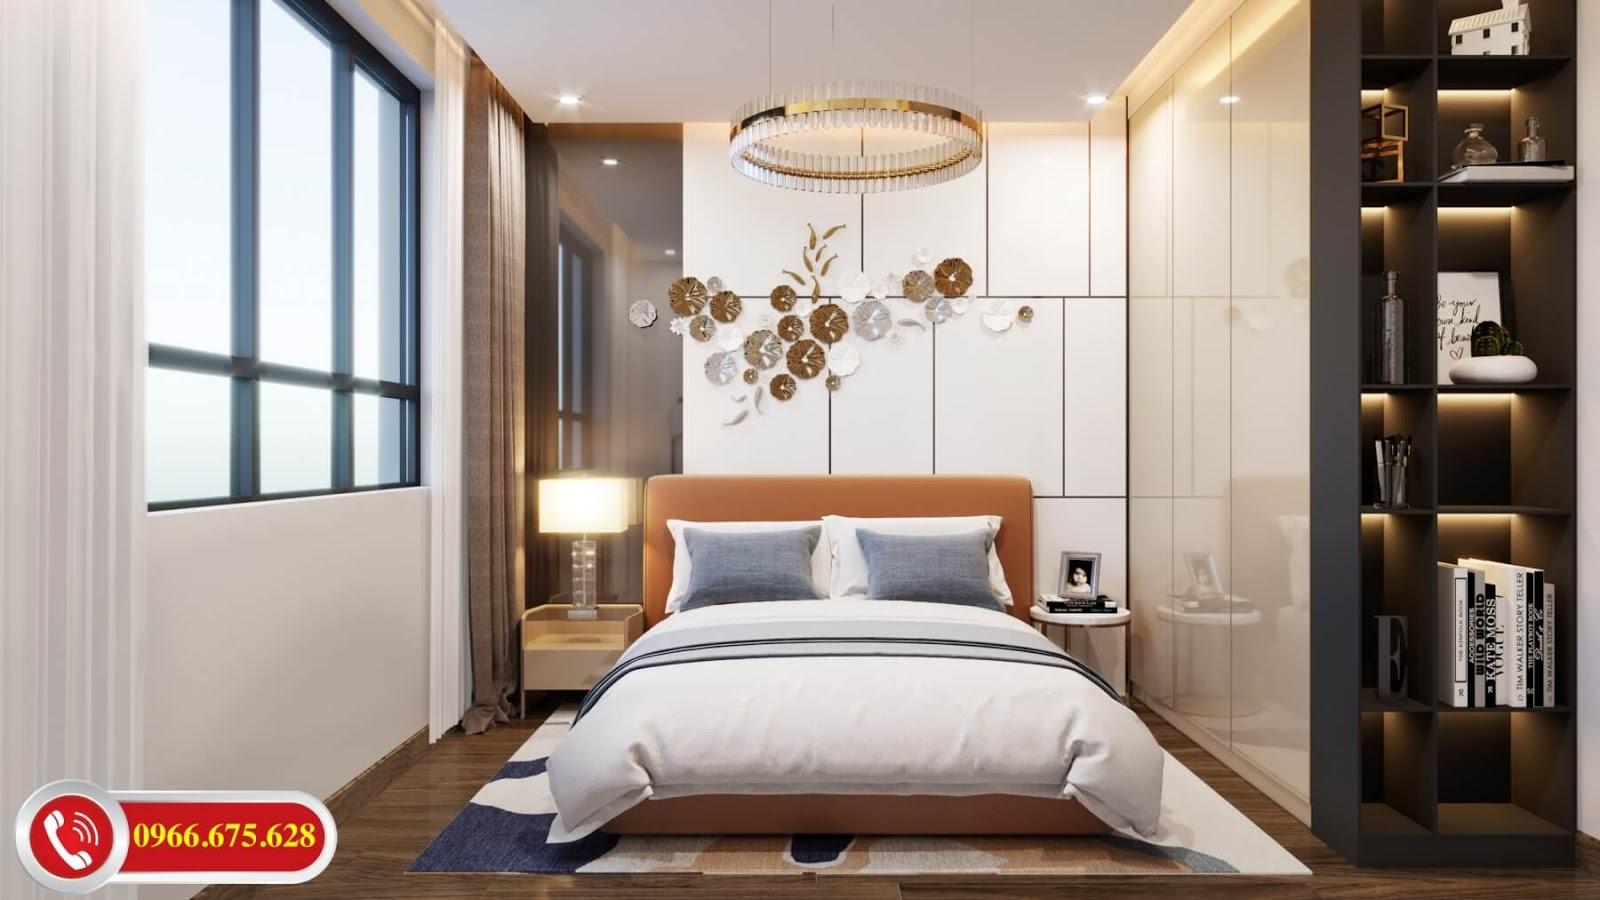 Phòng ngủ dự án Amber Riverside 622 Minh Khai